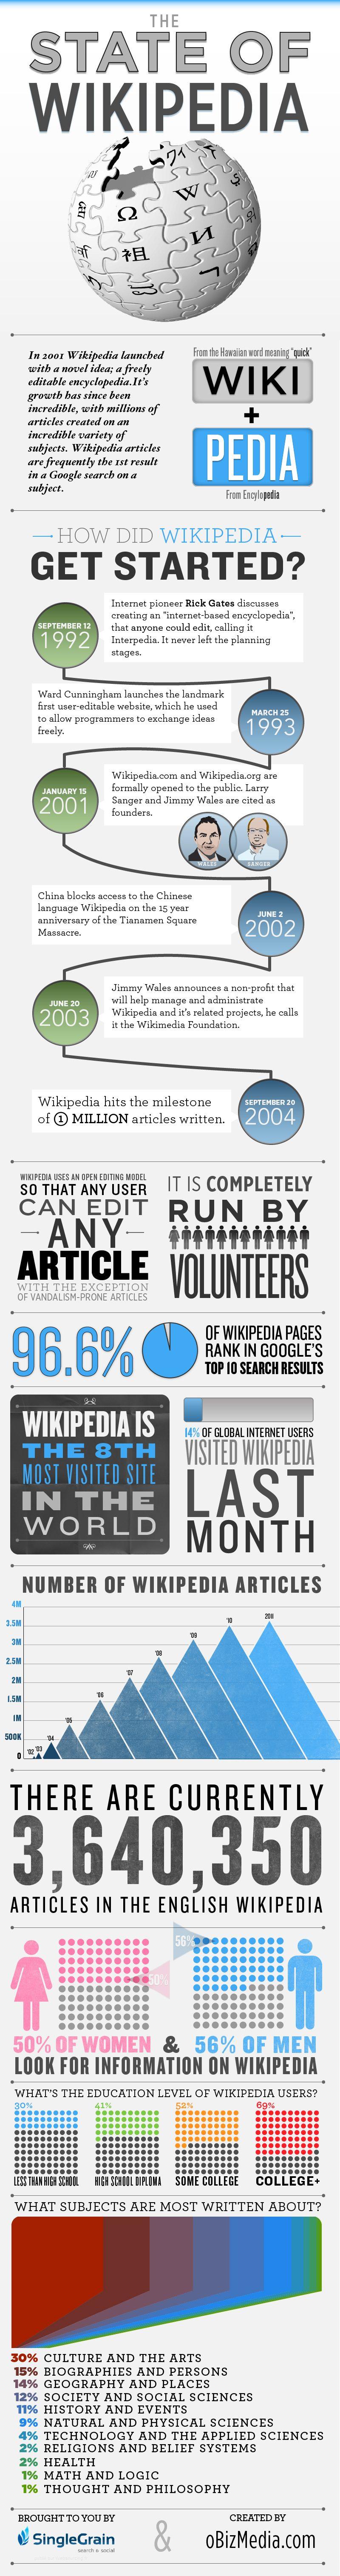 histoire-wikipedia-ws